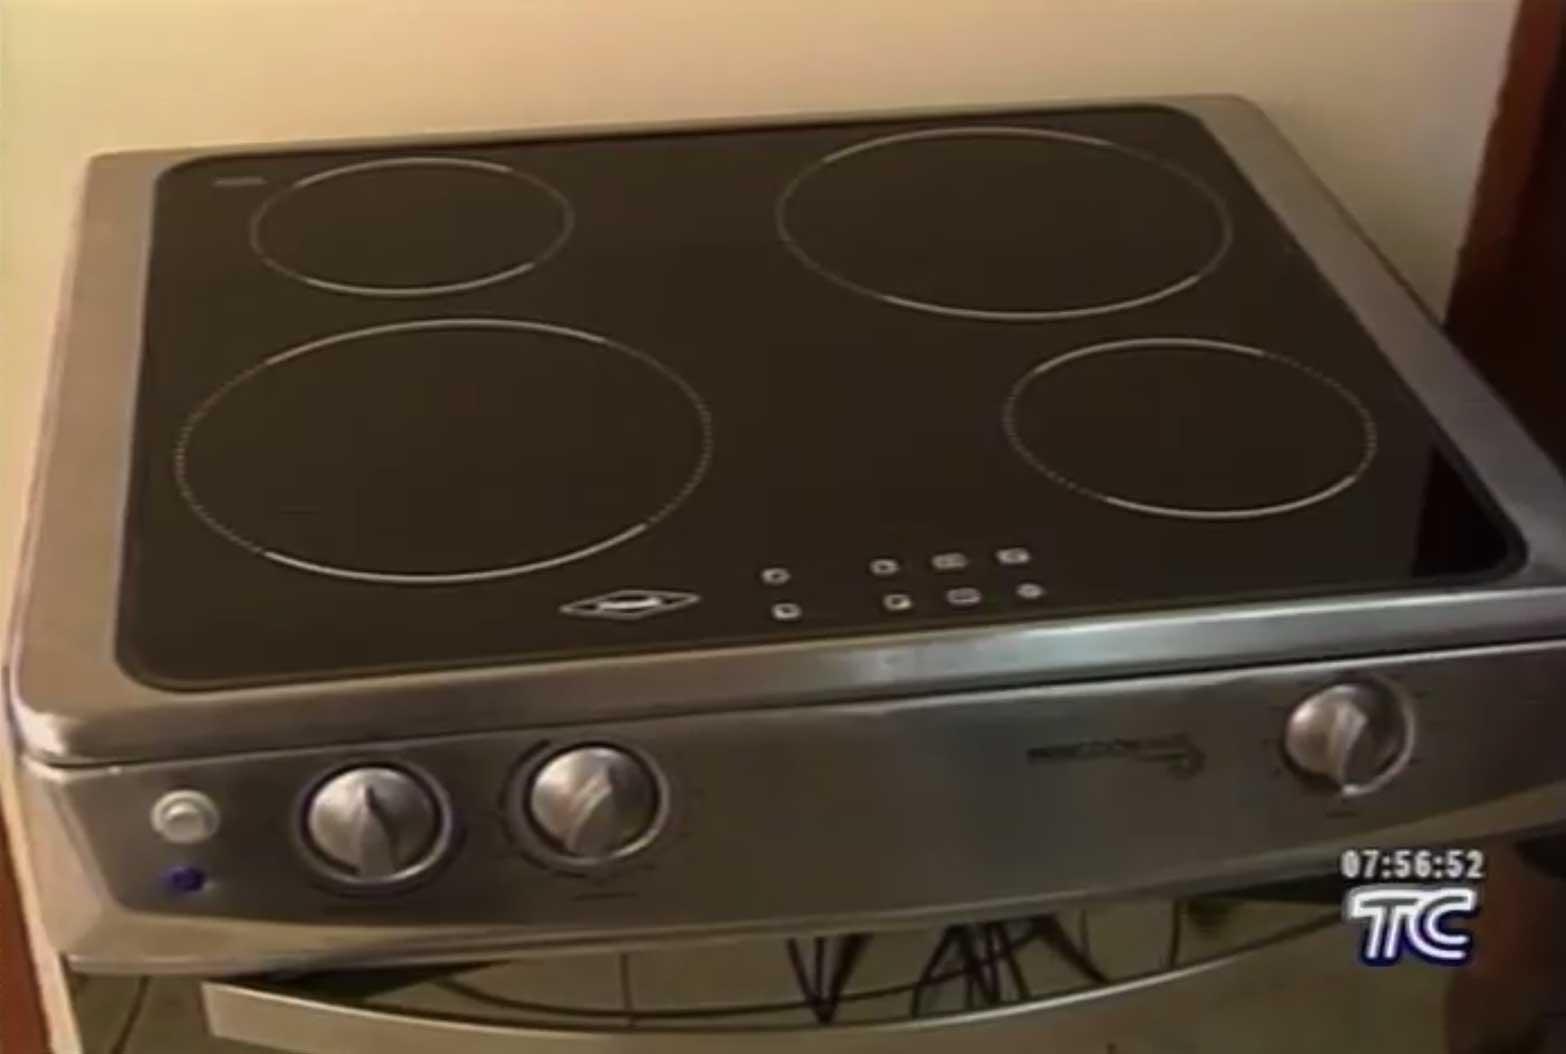 Genial cocinas de induccion teka galer a de im genes for Cocina induccion precio